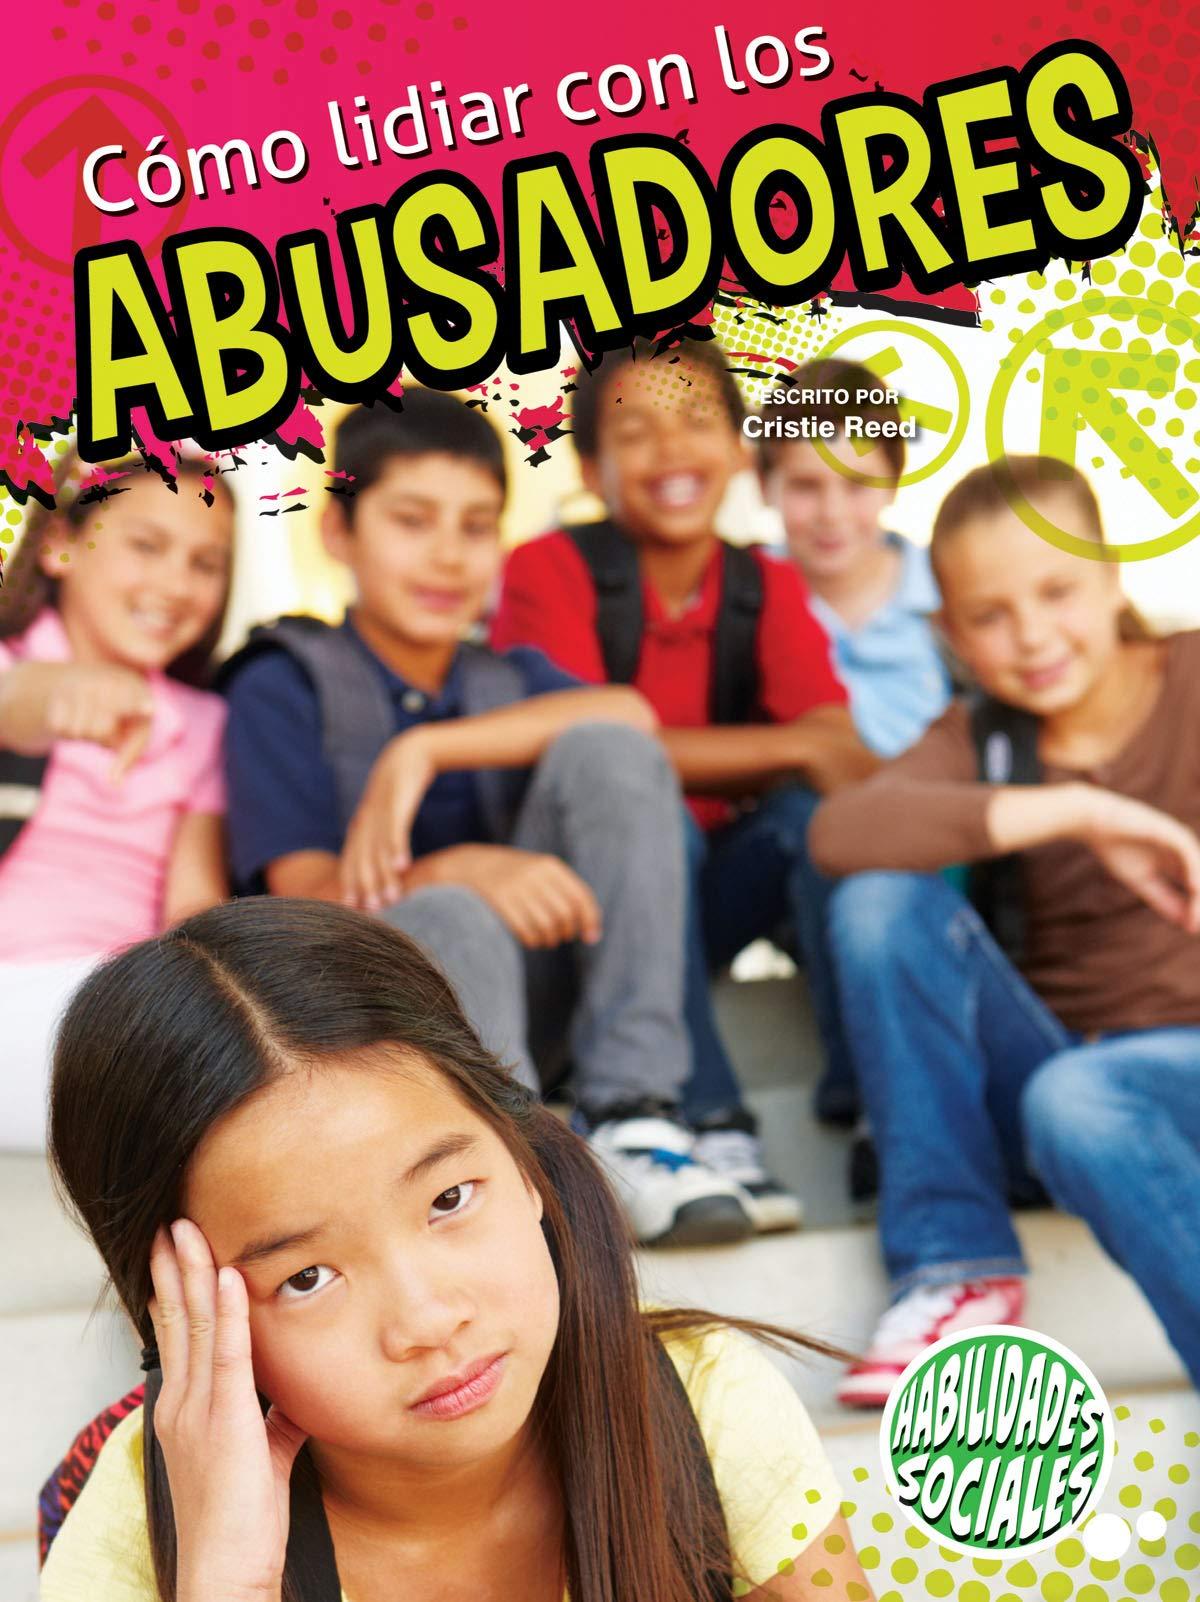 Cómo lidiar con los abusadores: Dealing With Bullies (Social Skills) pdf